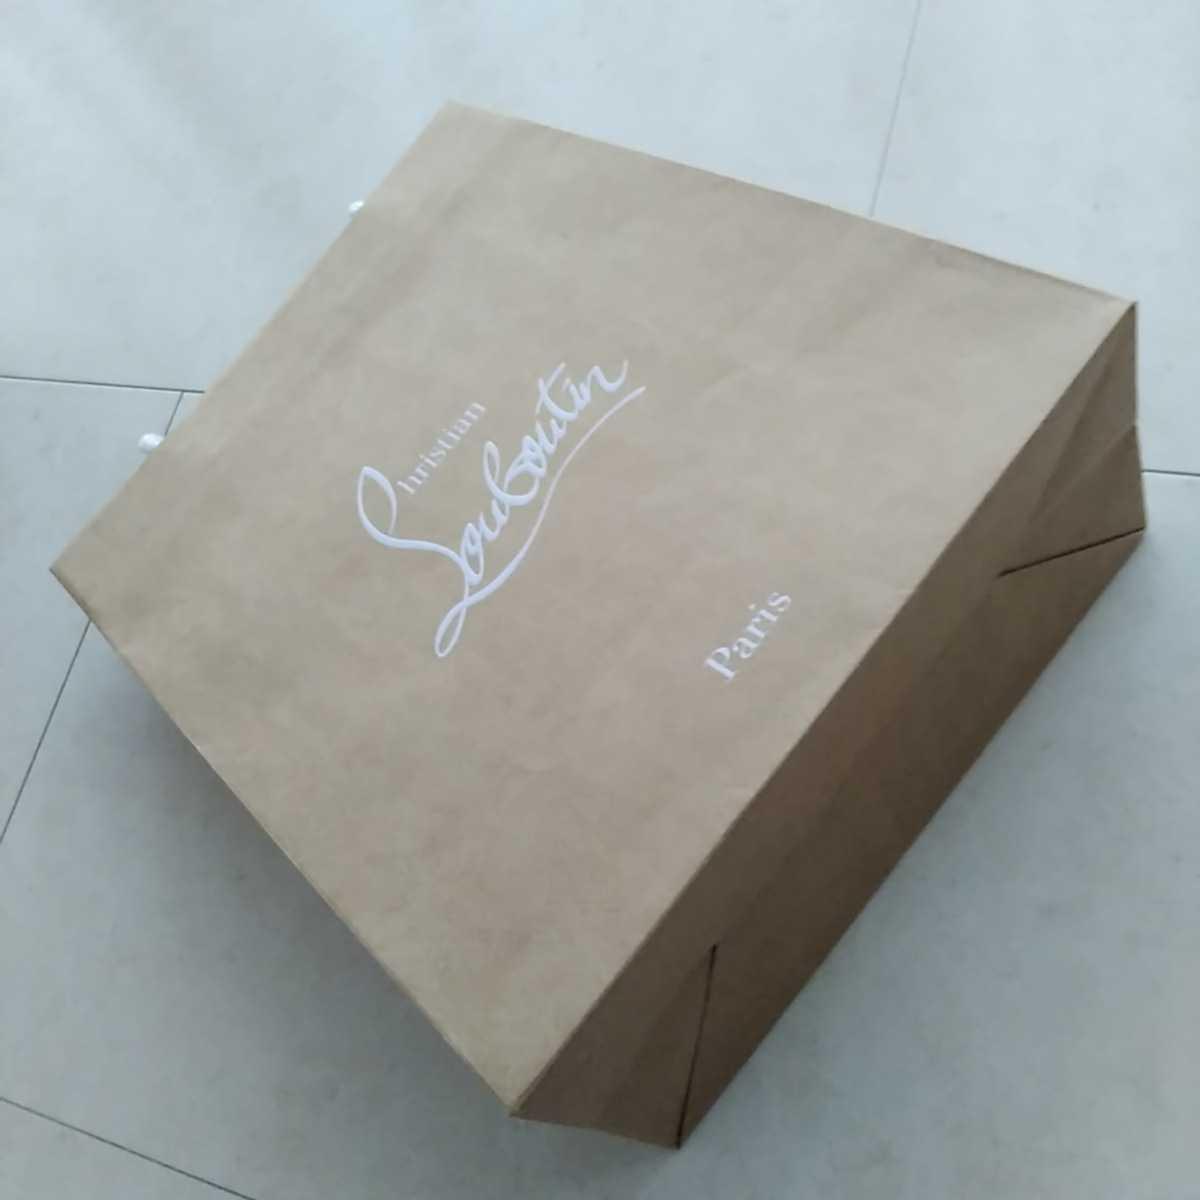 ☆新品☆ルブタンの紙袋☆サイズ小☆クリスチャンルブタン☆自宅保管品_画像7